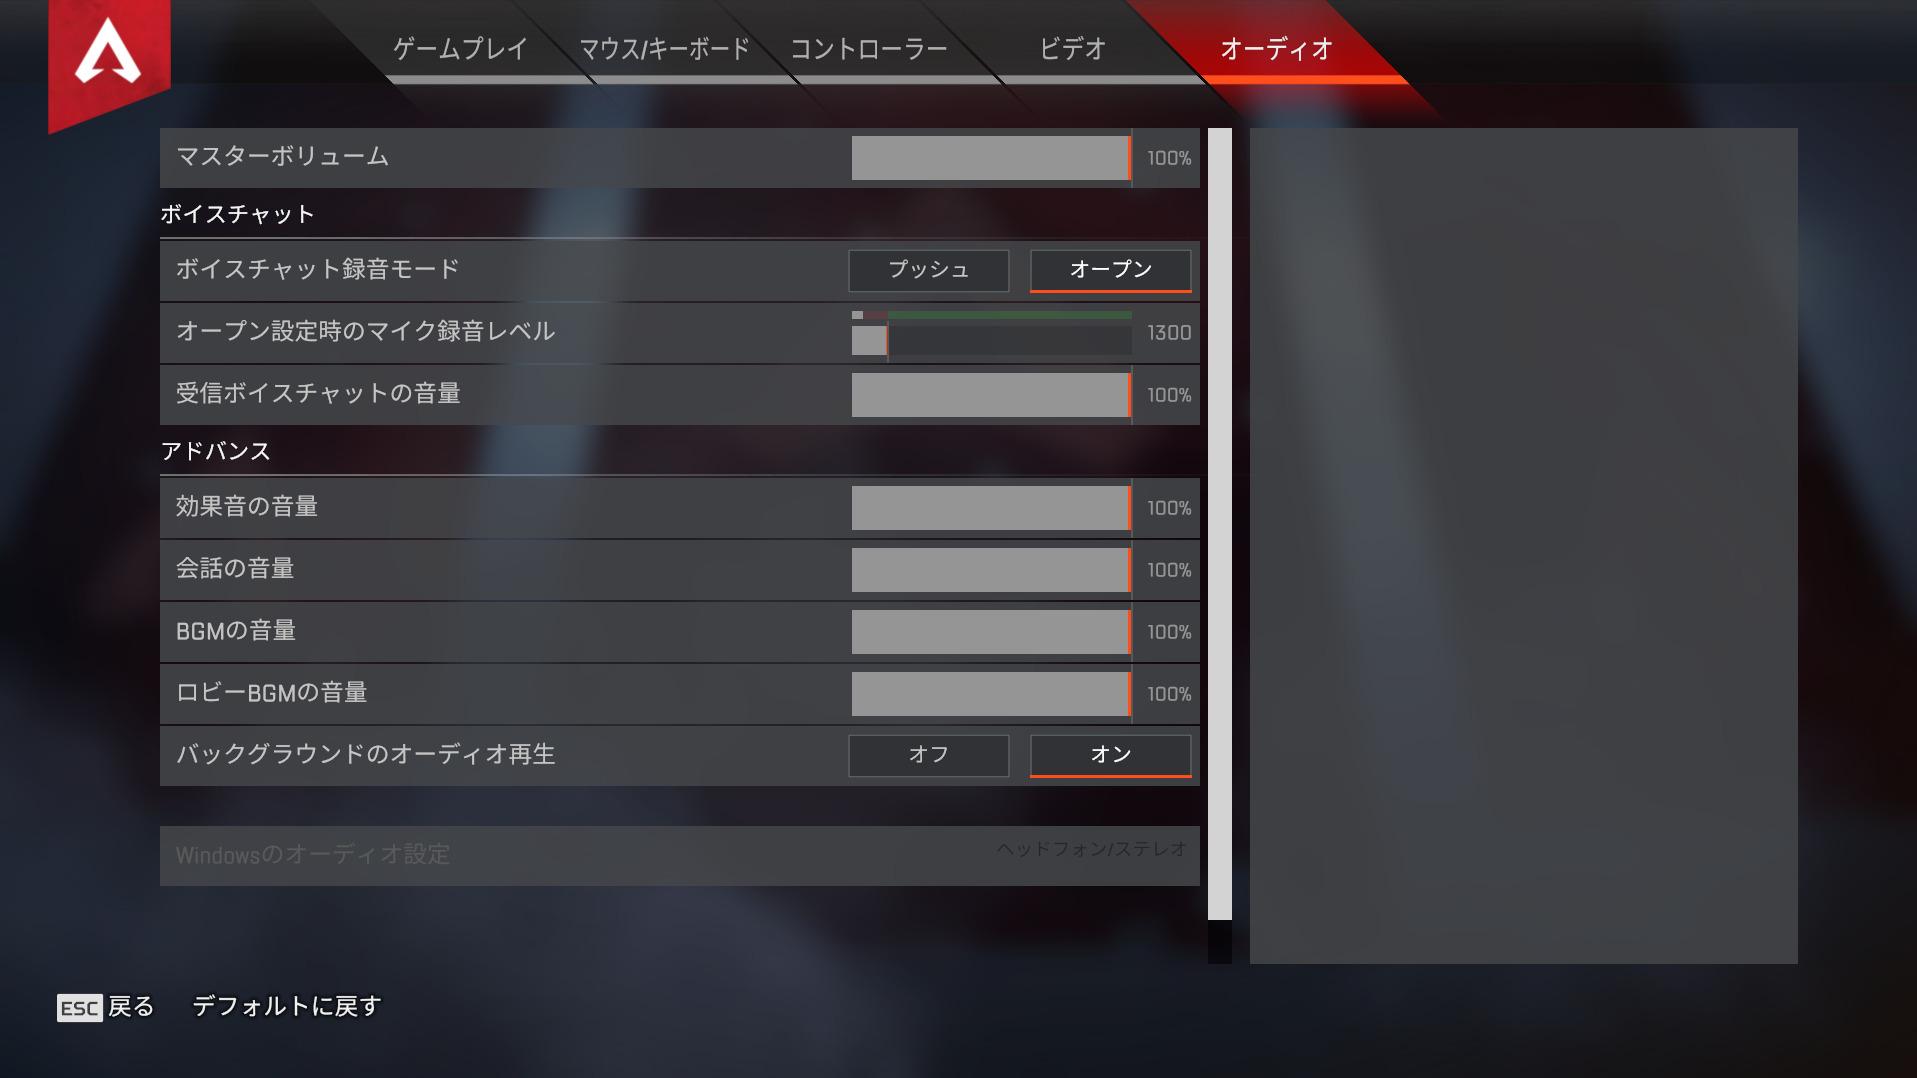 【PC版Apex Legends】ボイスチャット(ゲーム内VC)ができないときの対処法【エーペックスレジェンズ】